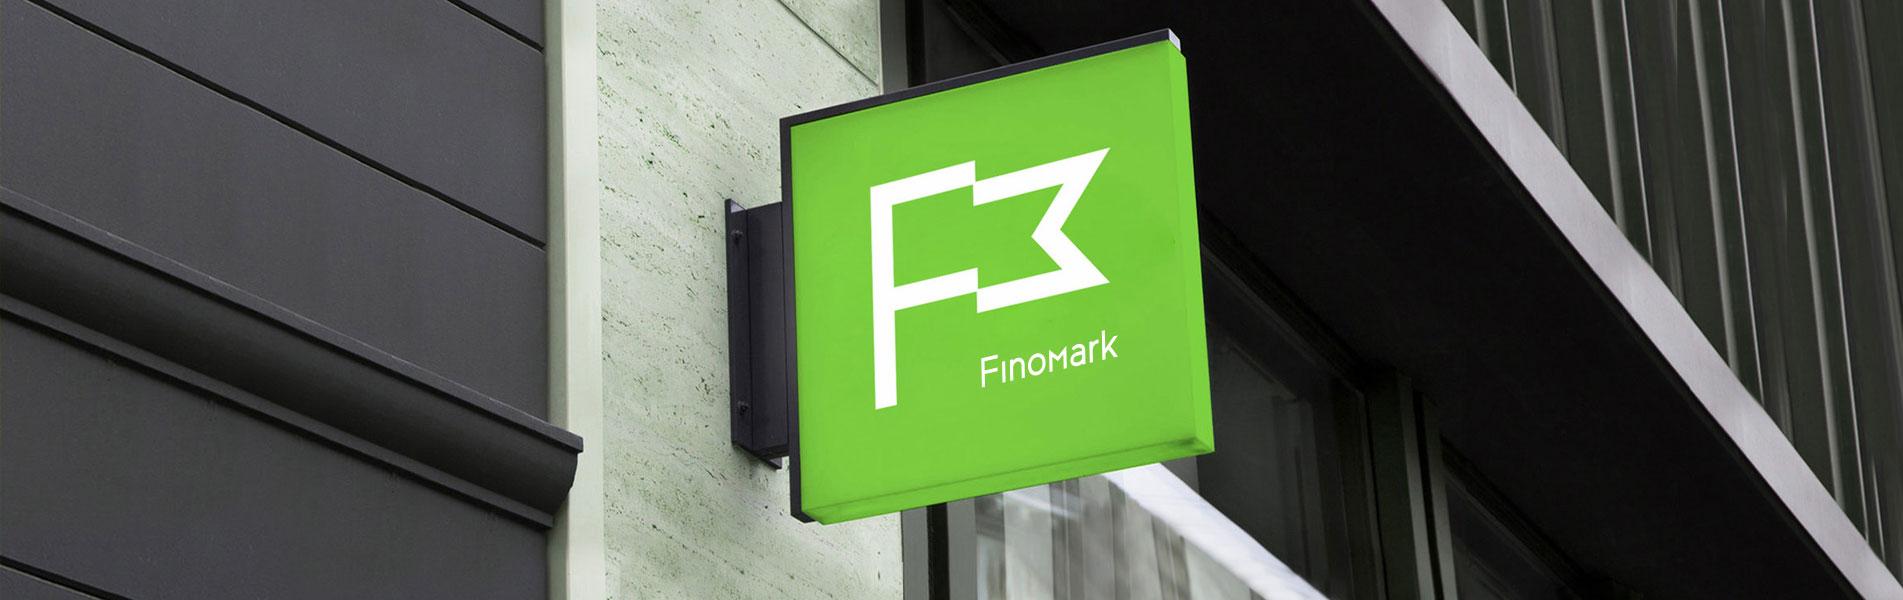 FinoMark